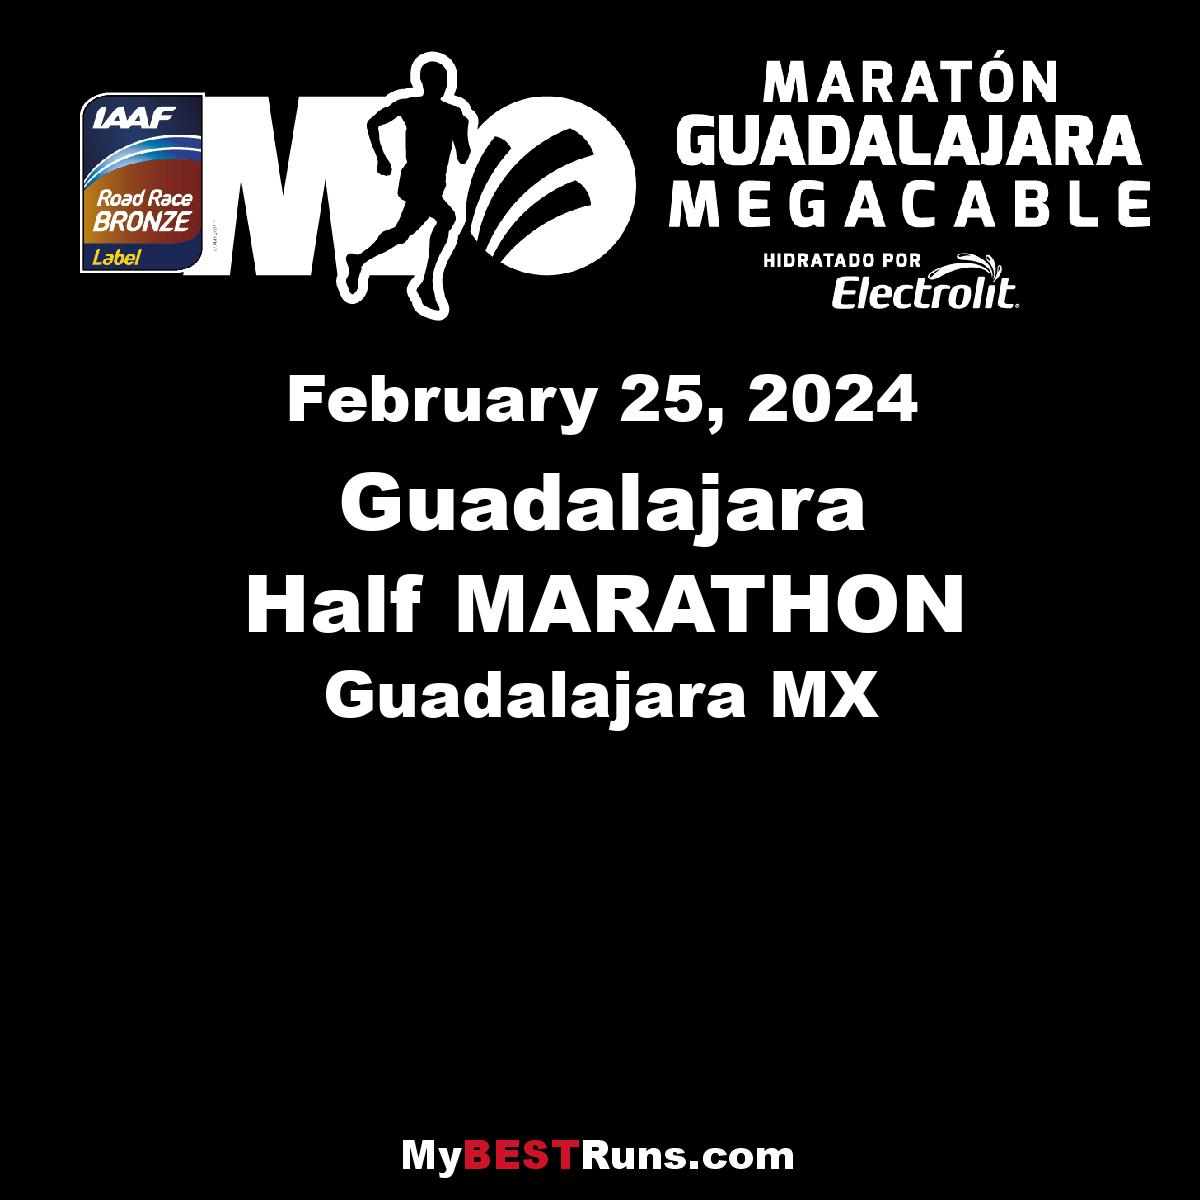 Guadalajara Marathon